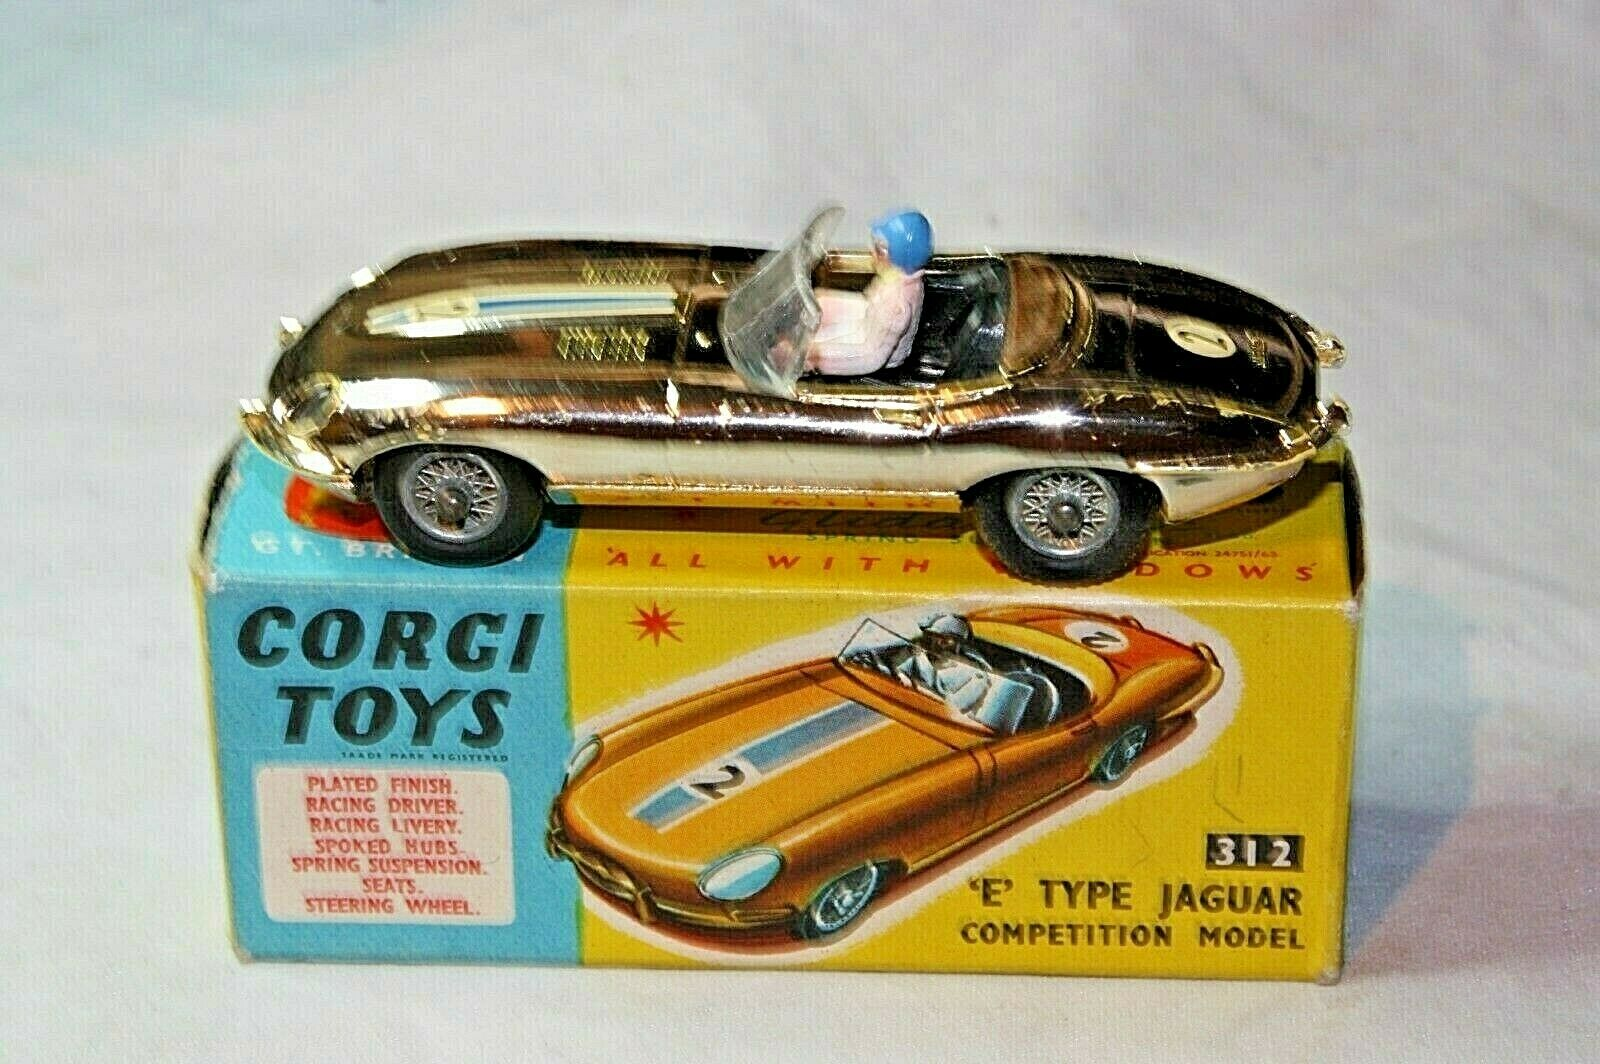 CORGI 312 Jaguar E tipo di modello di concorrenza, ottime condizioni nella scatola originale